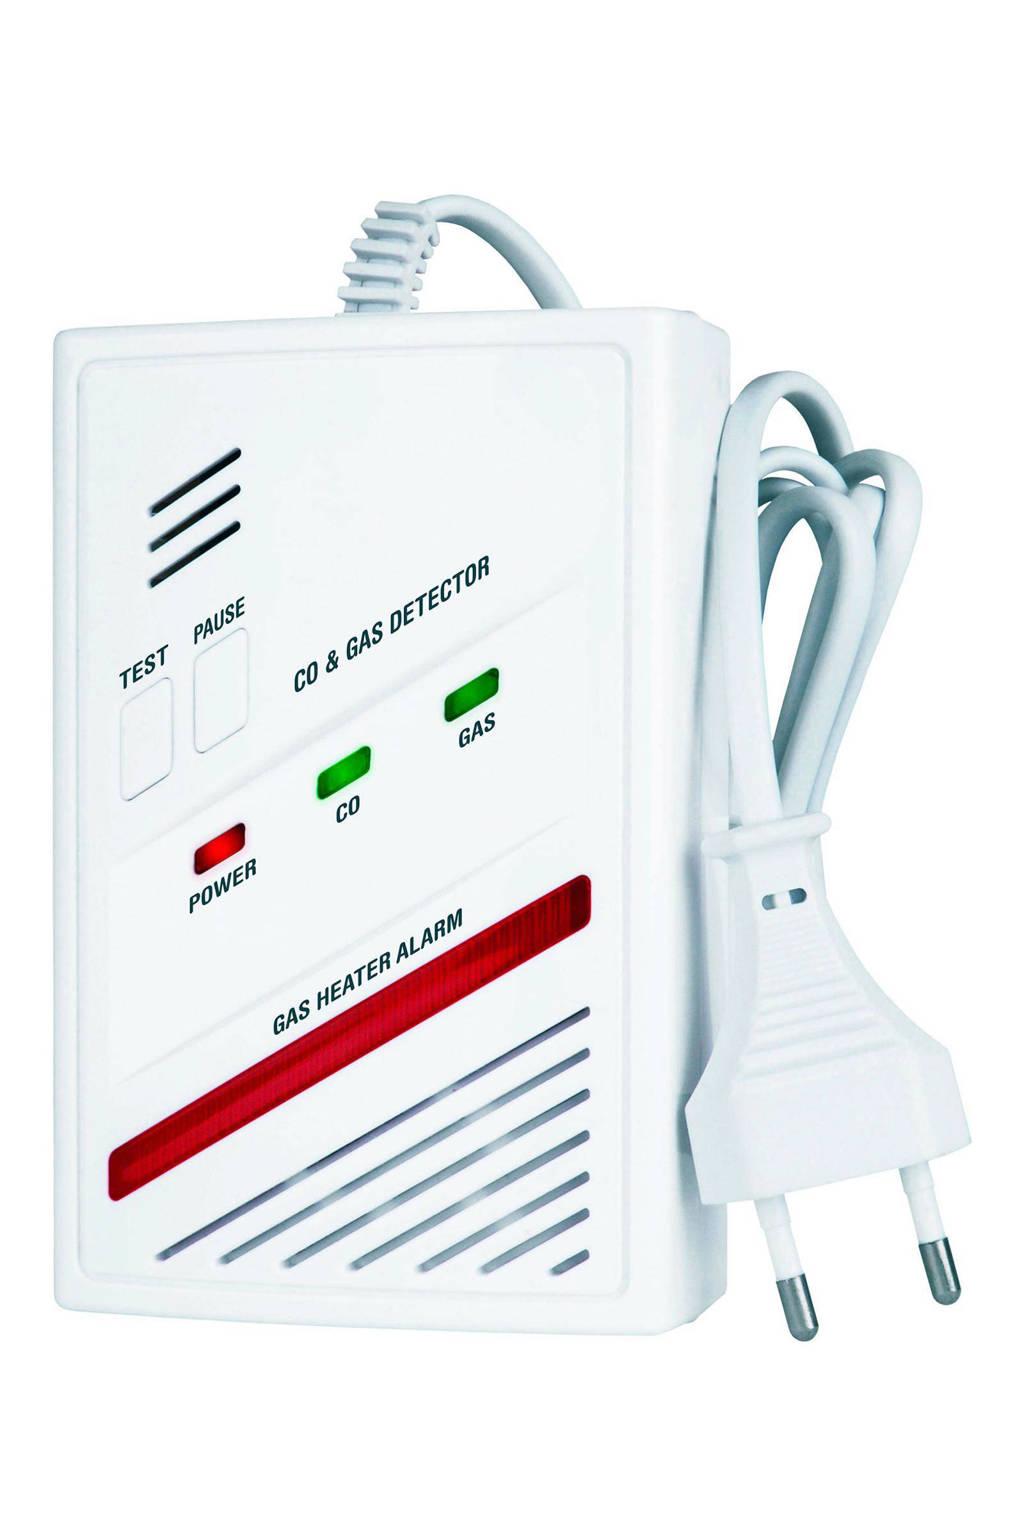 Smartwares RM337 gas- en koolmonoxidemelder